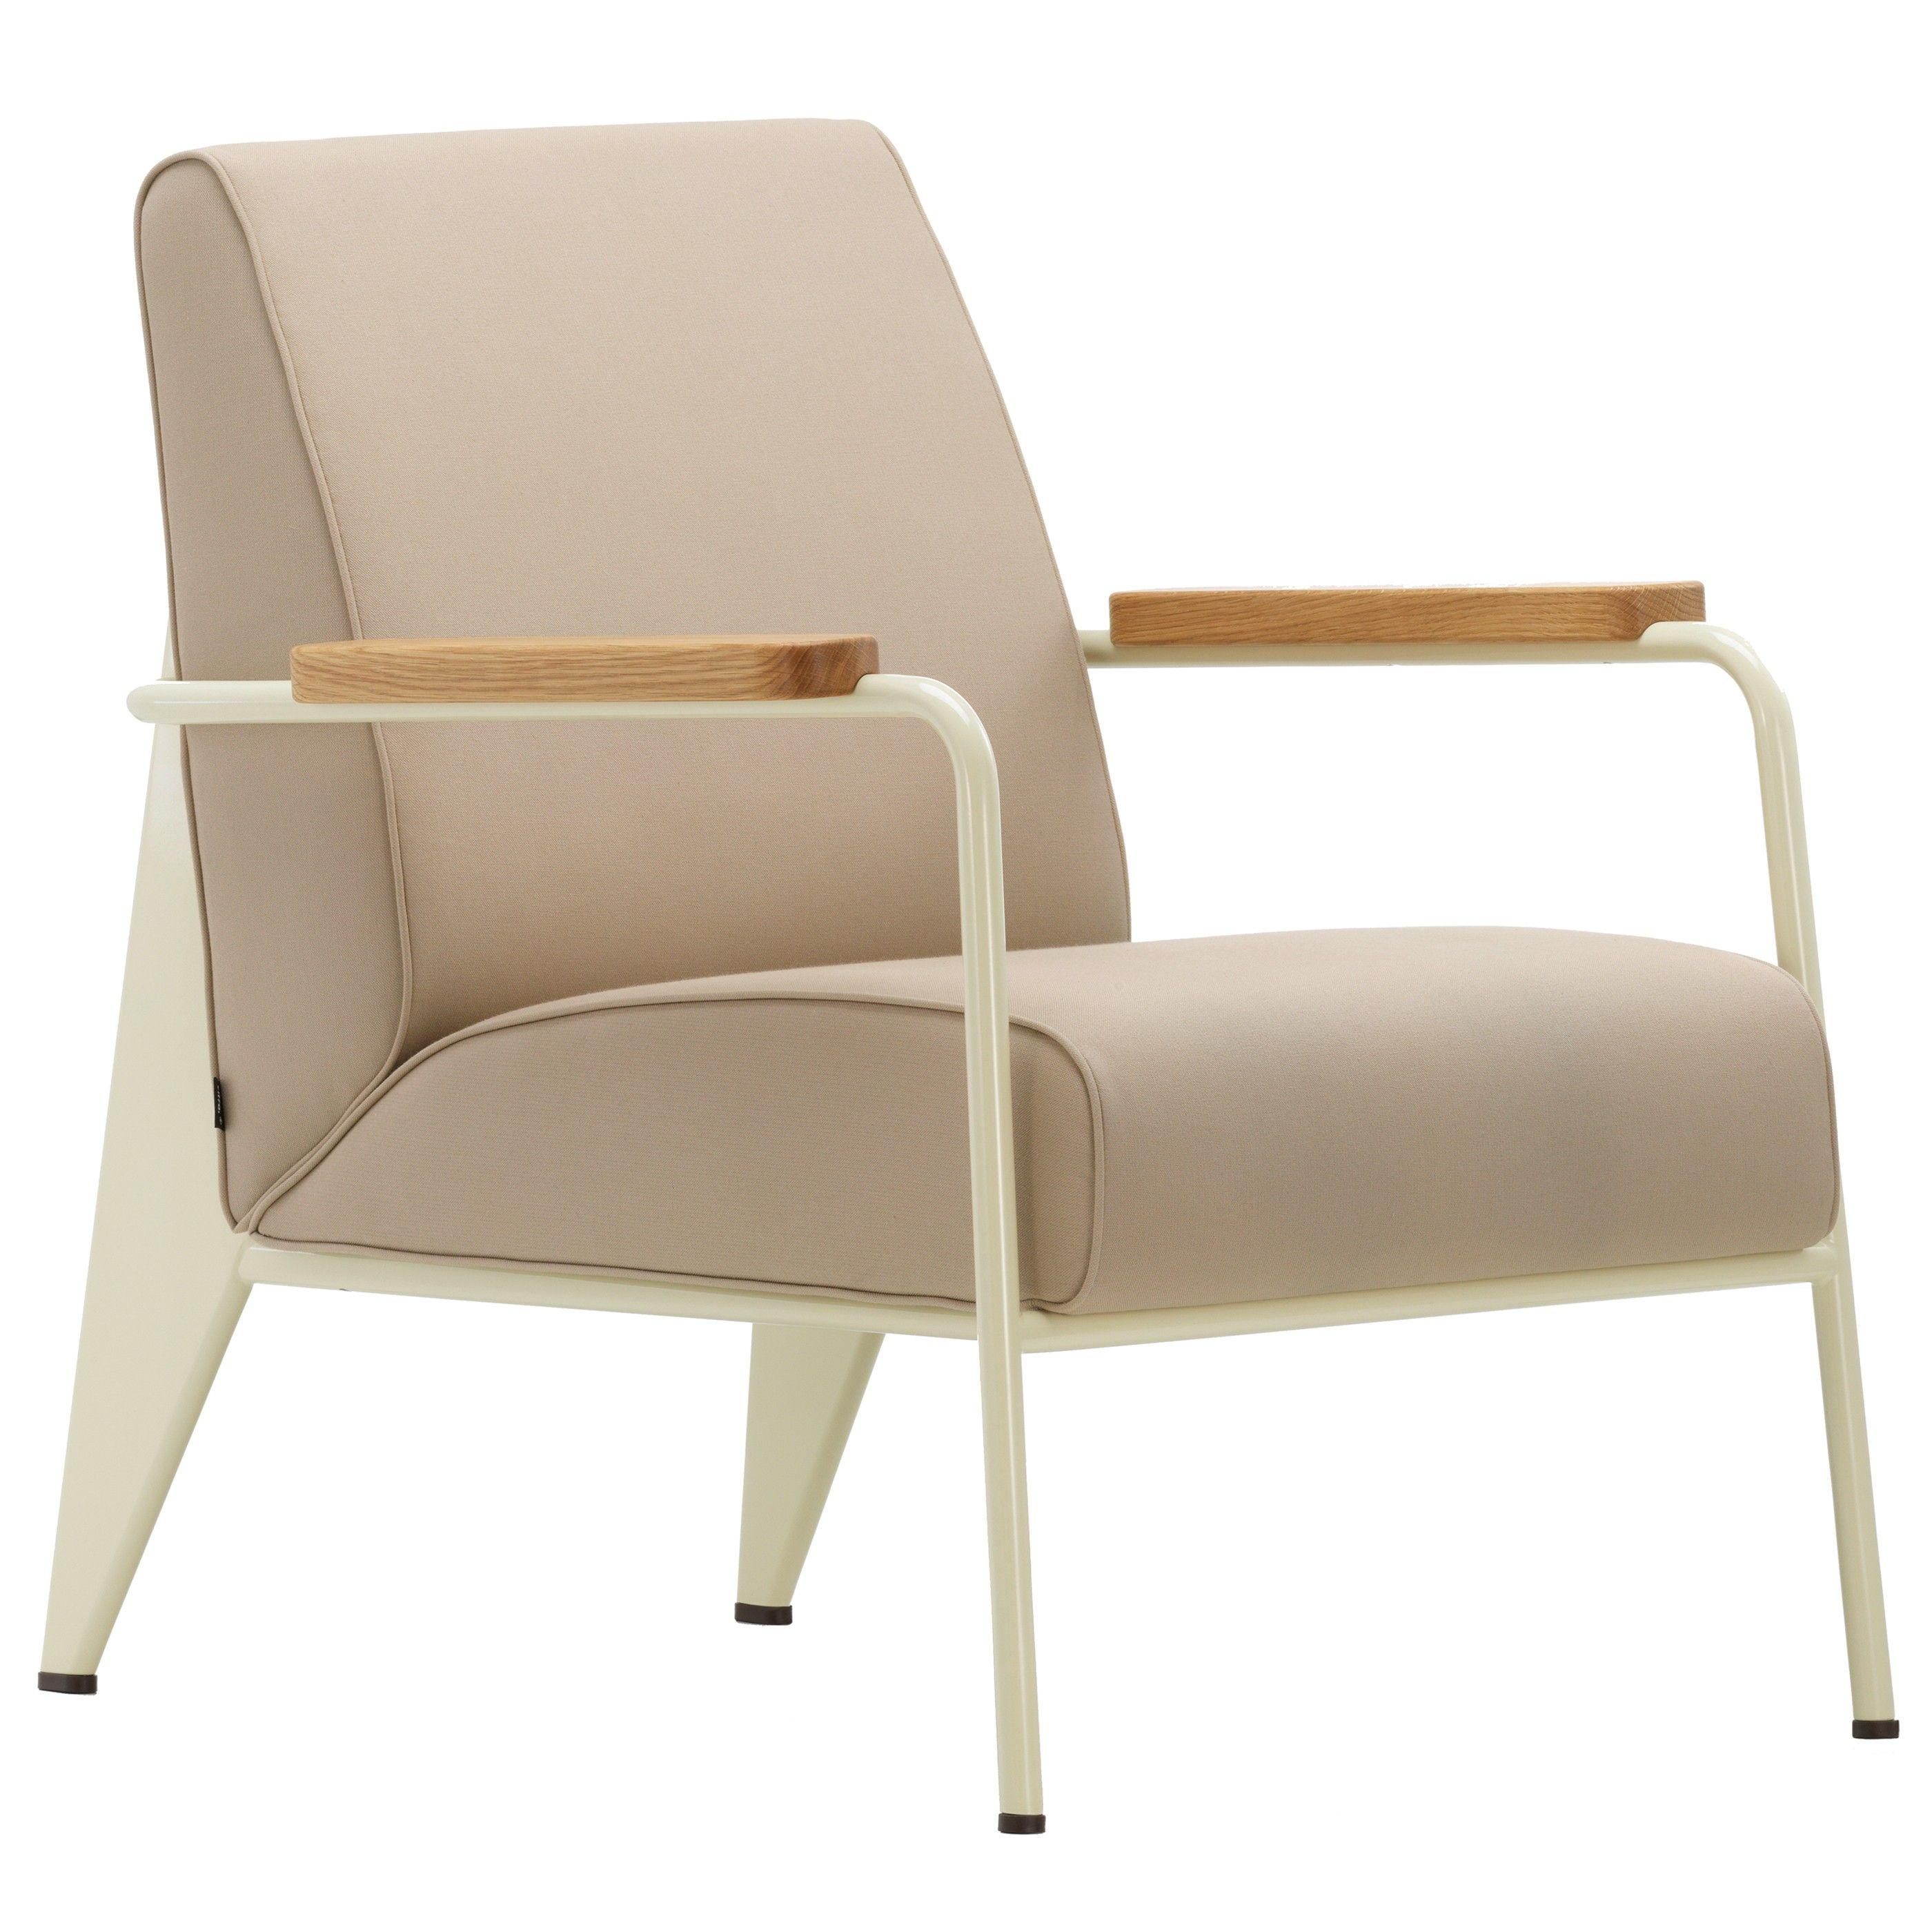 Vitra fauteuil de salon fauteuil flinders verzendt gratis - Fauteuil de salon but ...